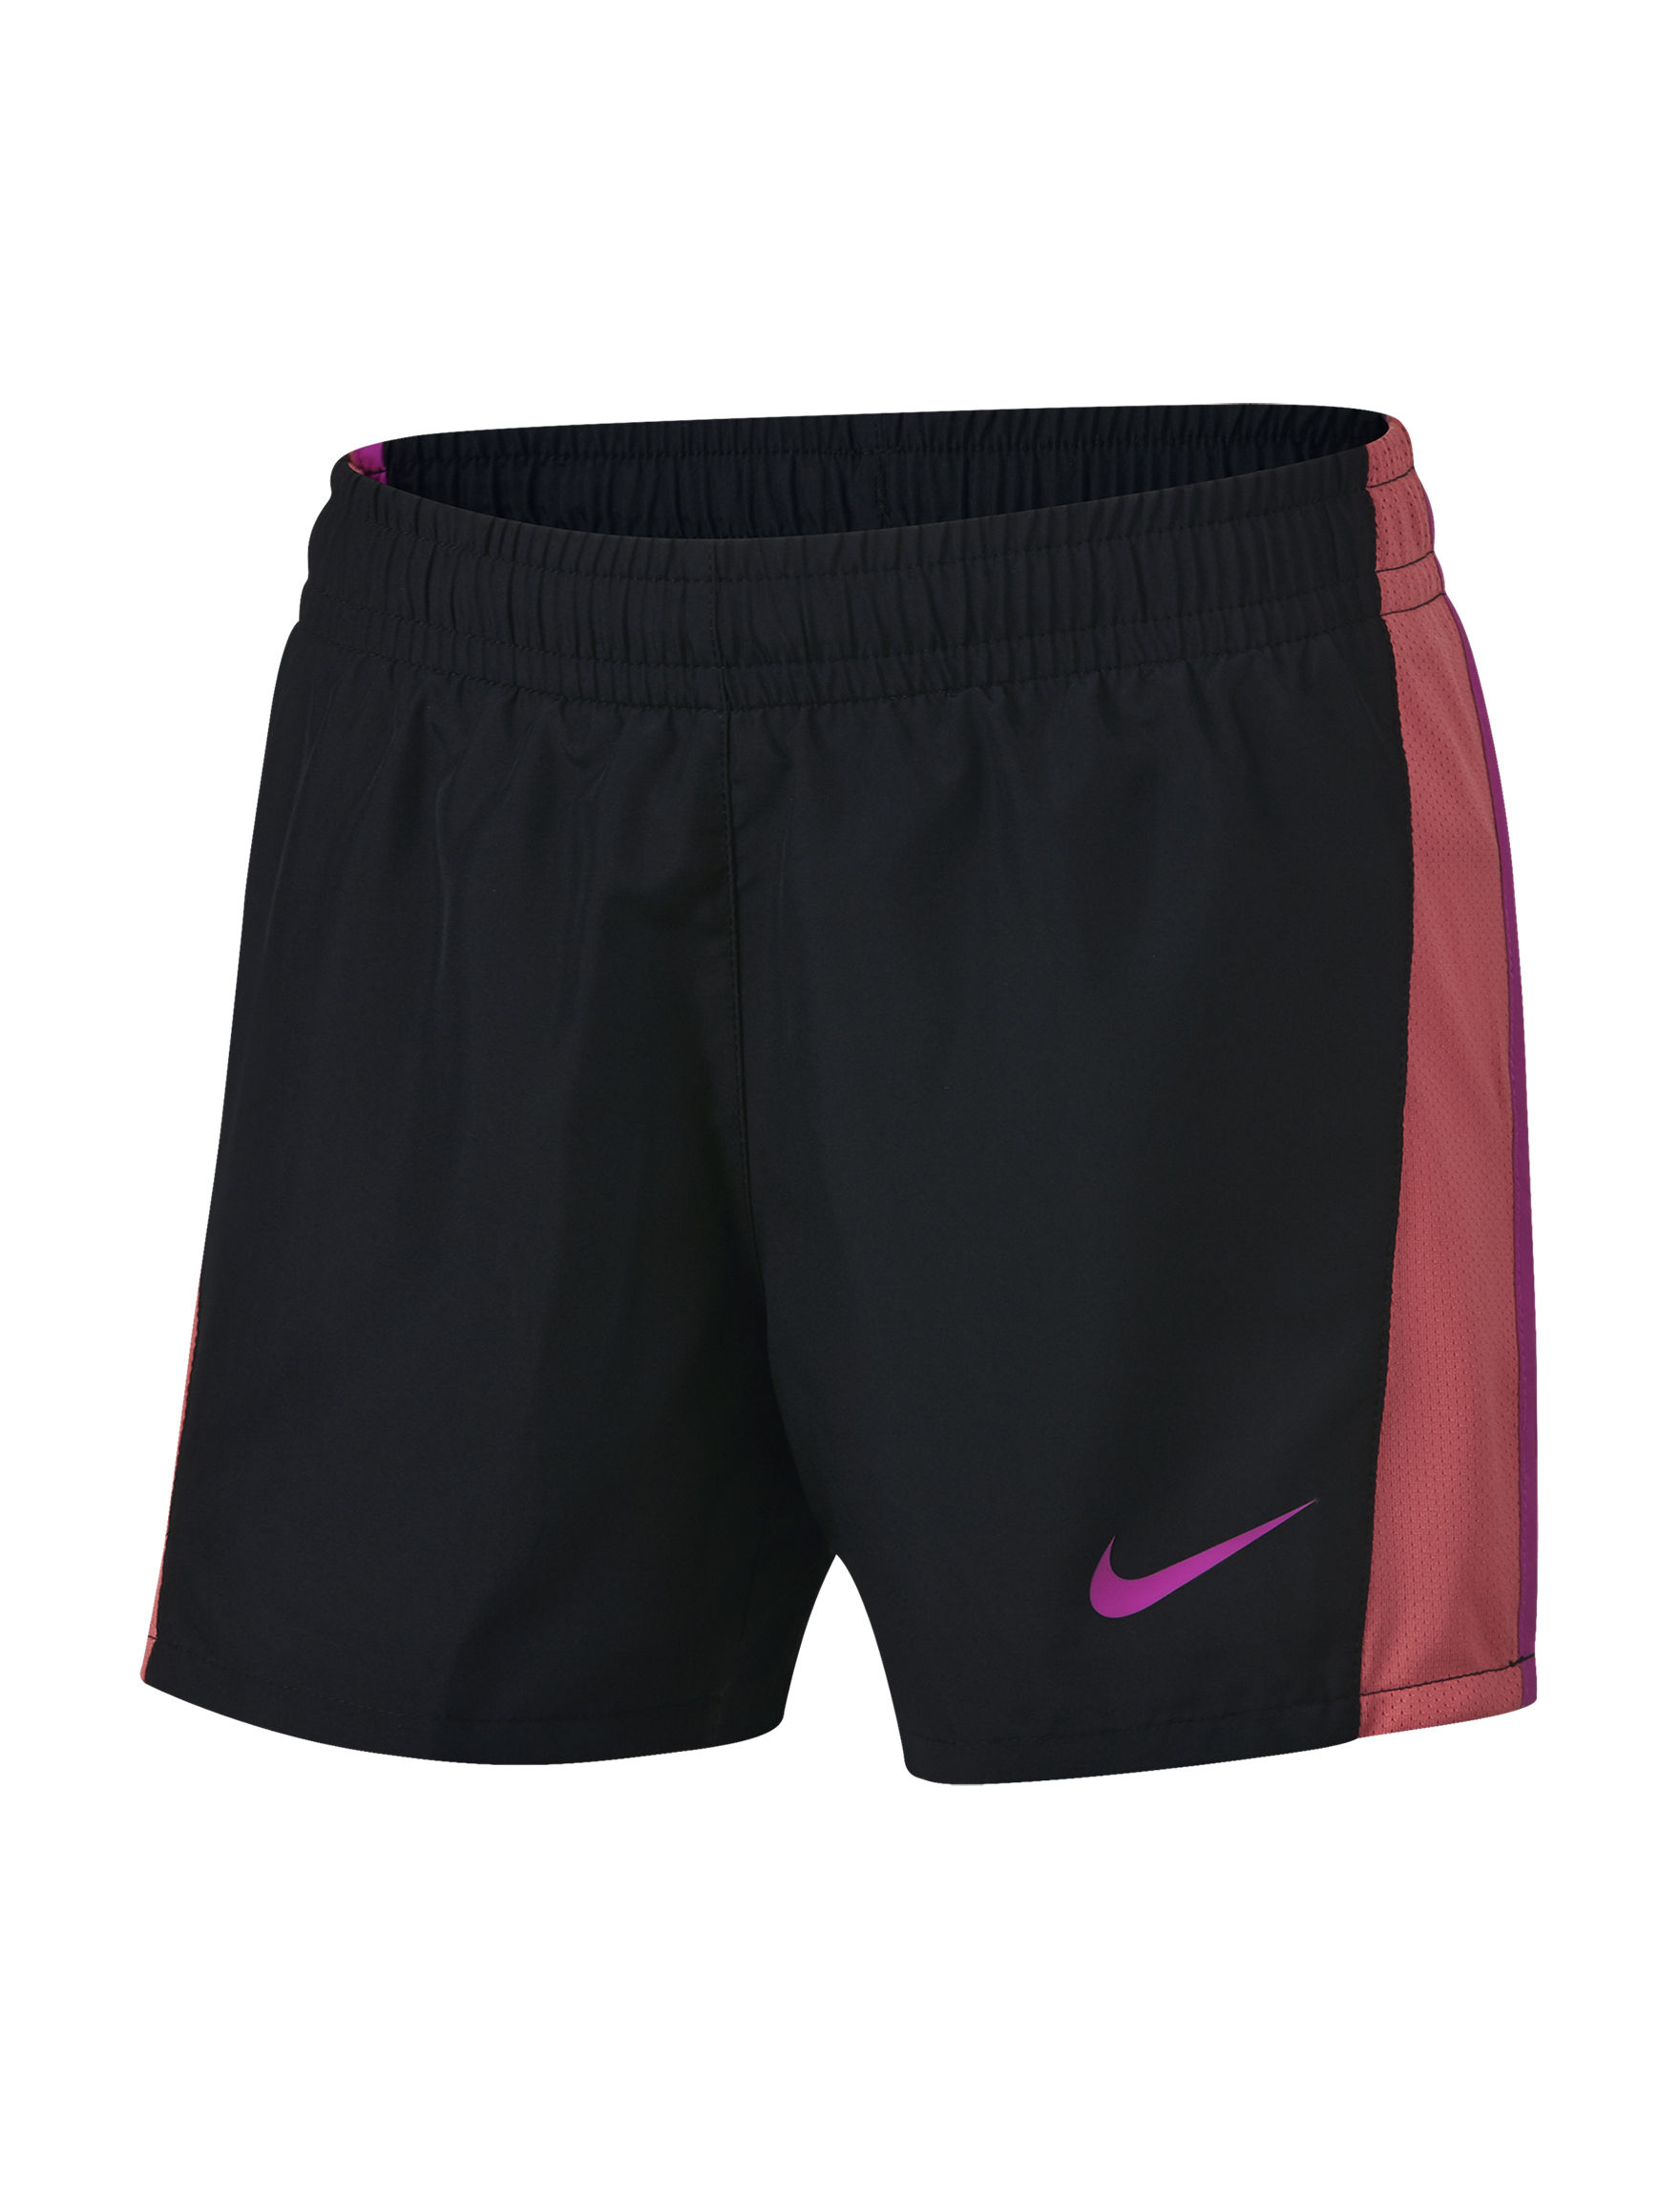 quality design 16c1b 5b4f4 Nike Dry Running Shorts - Girls 7-16